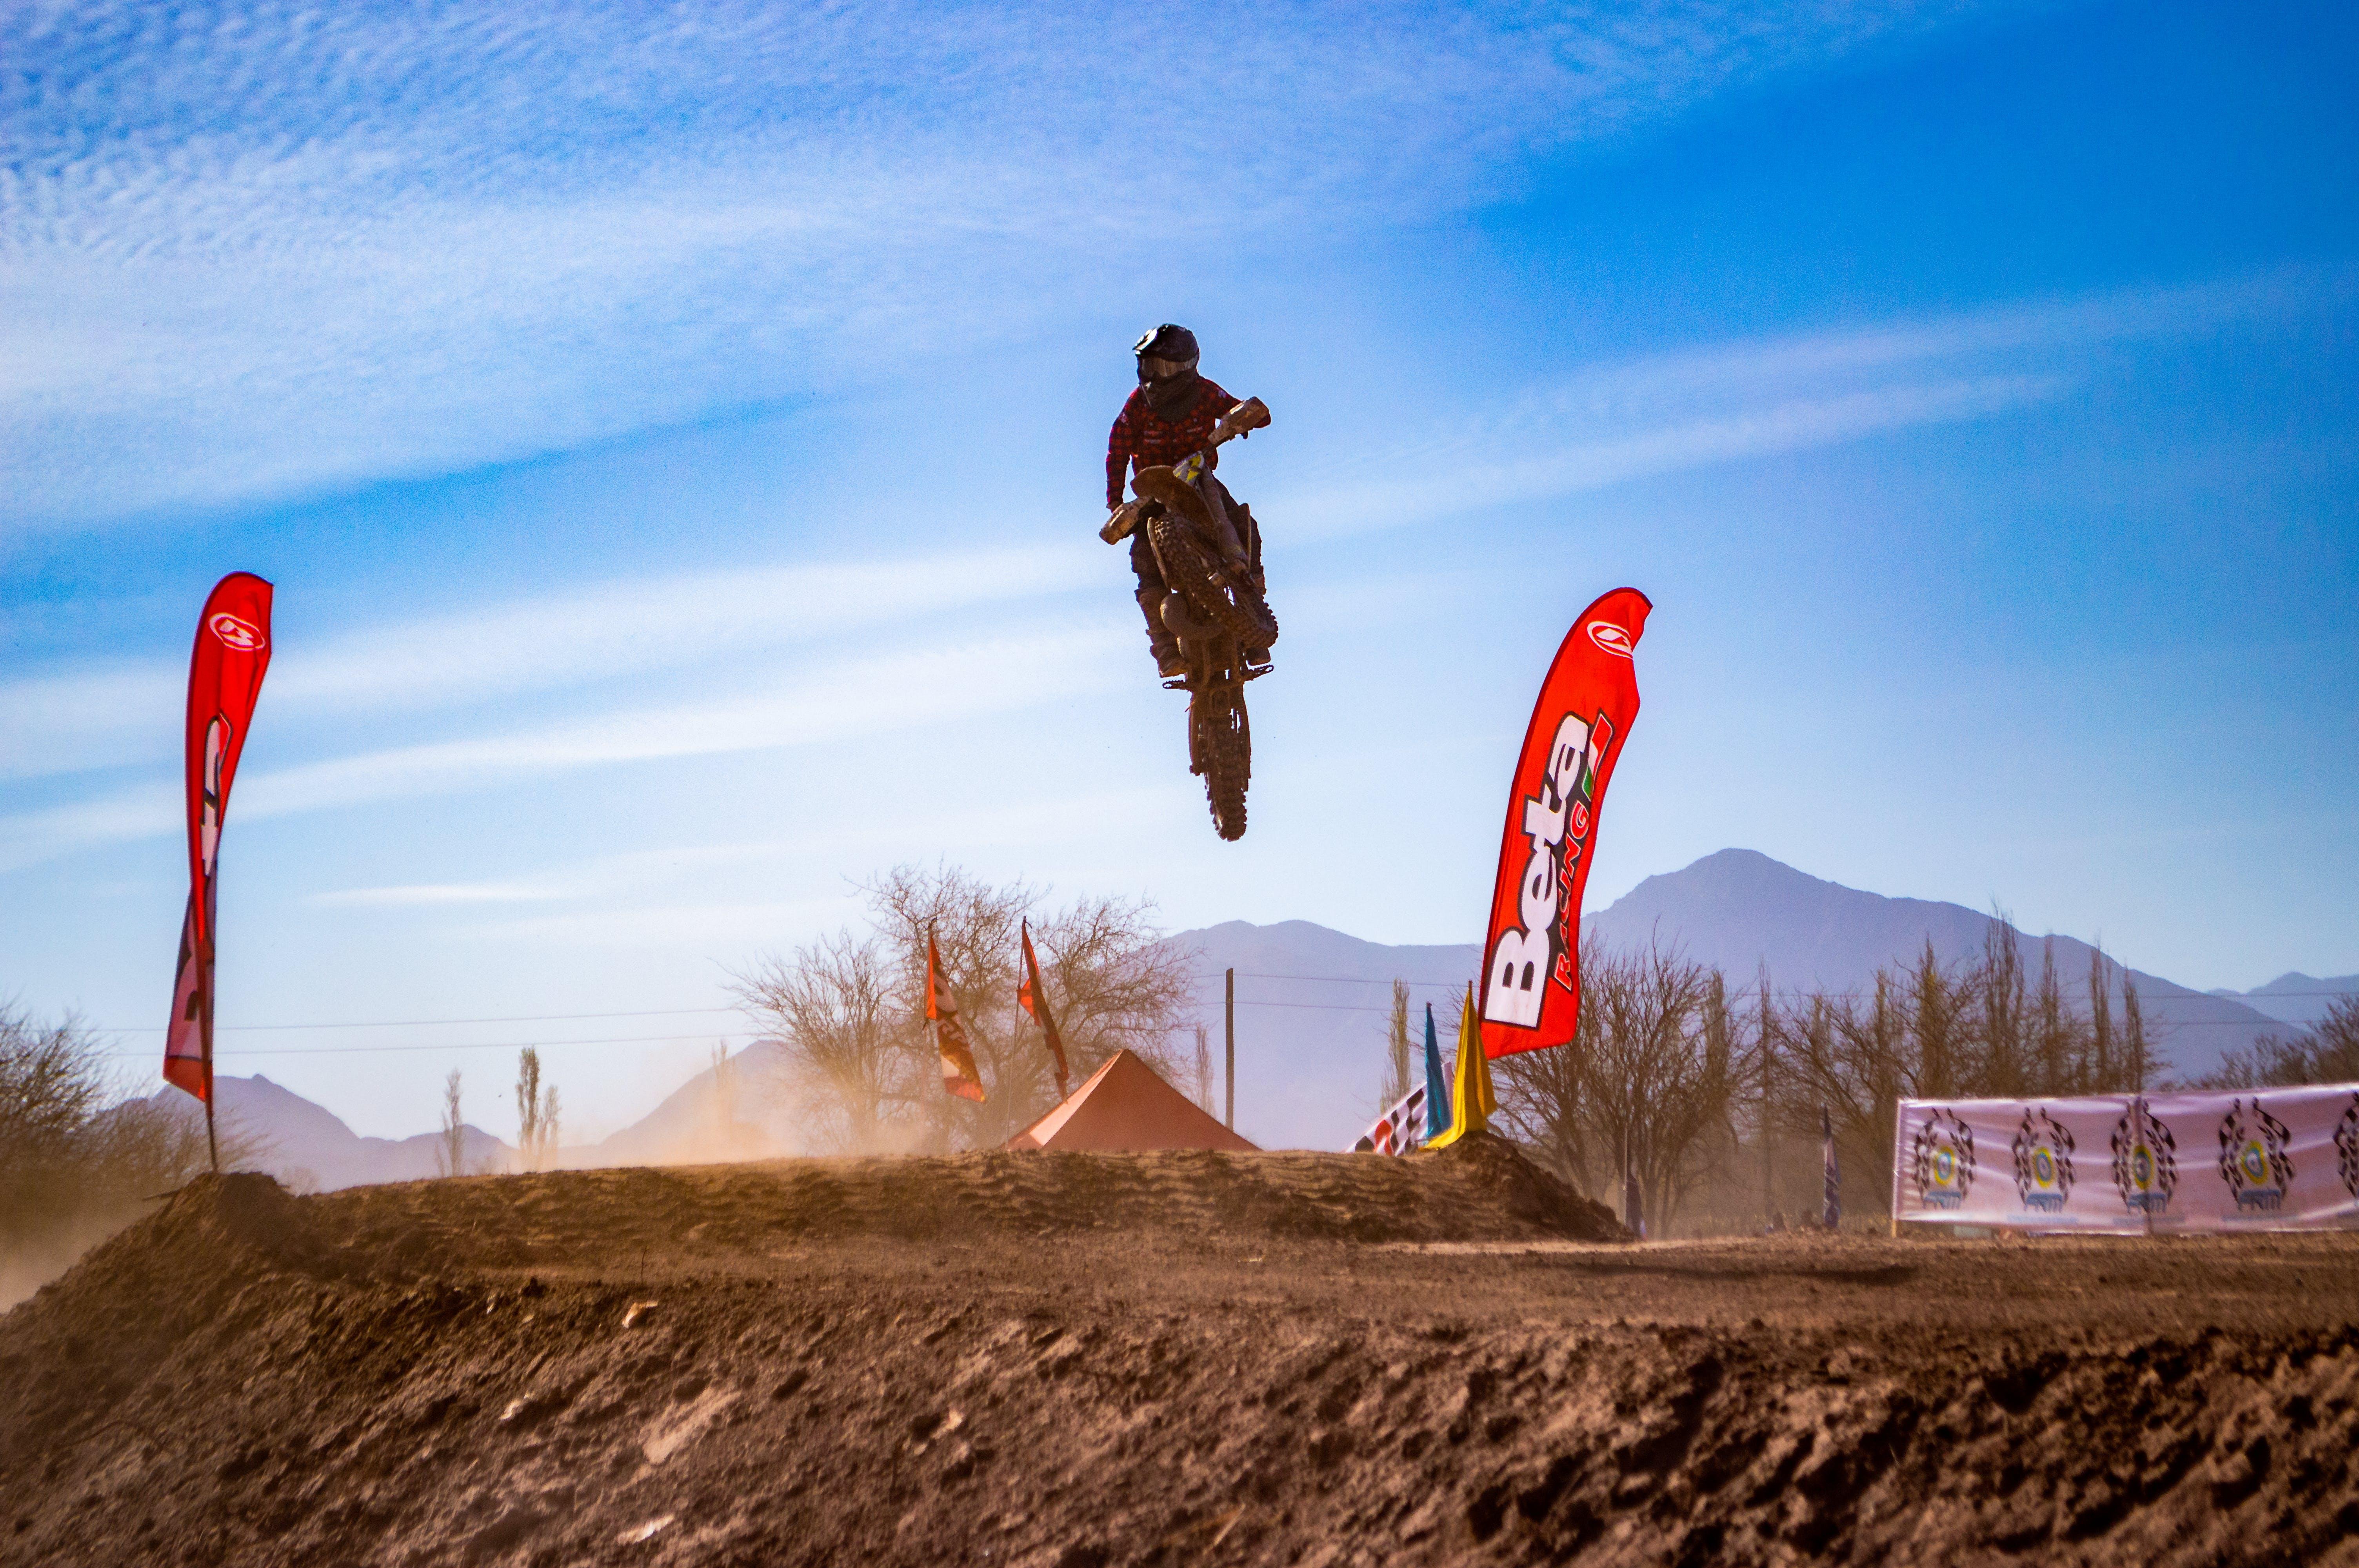 Man Riding Motocross Dirt Bike Doing Stunt